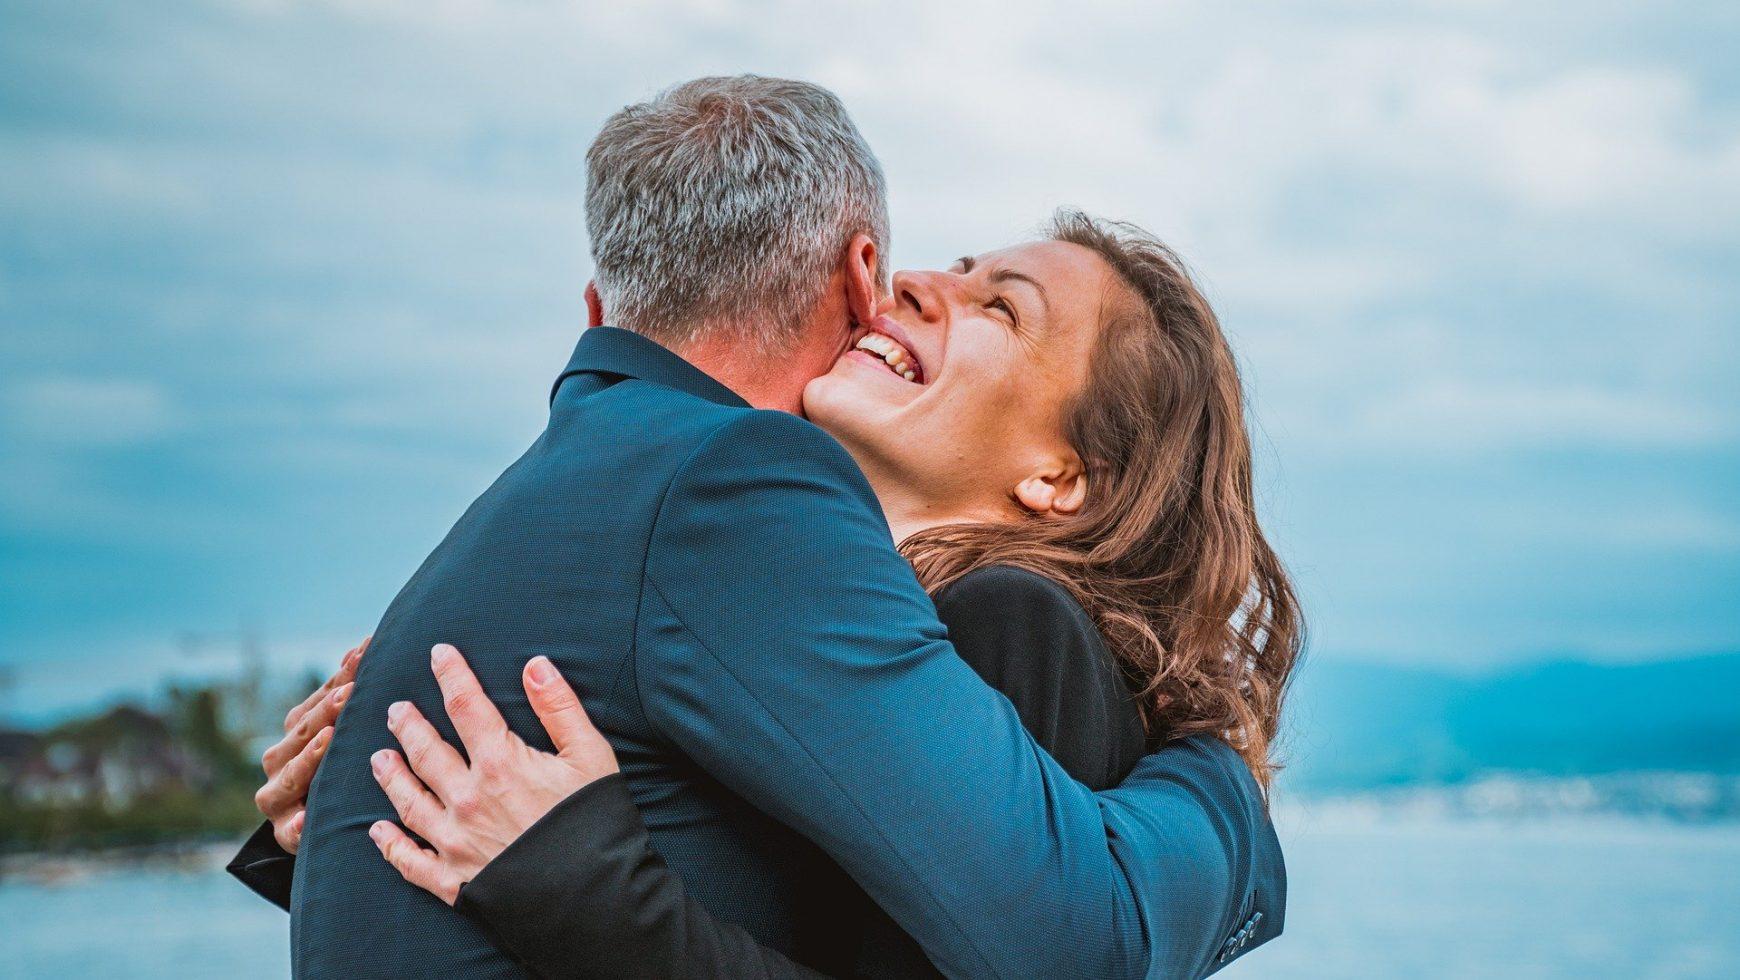 Como Desenvolver Relações Saudáveis e Conscientes?